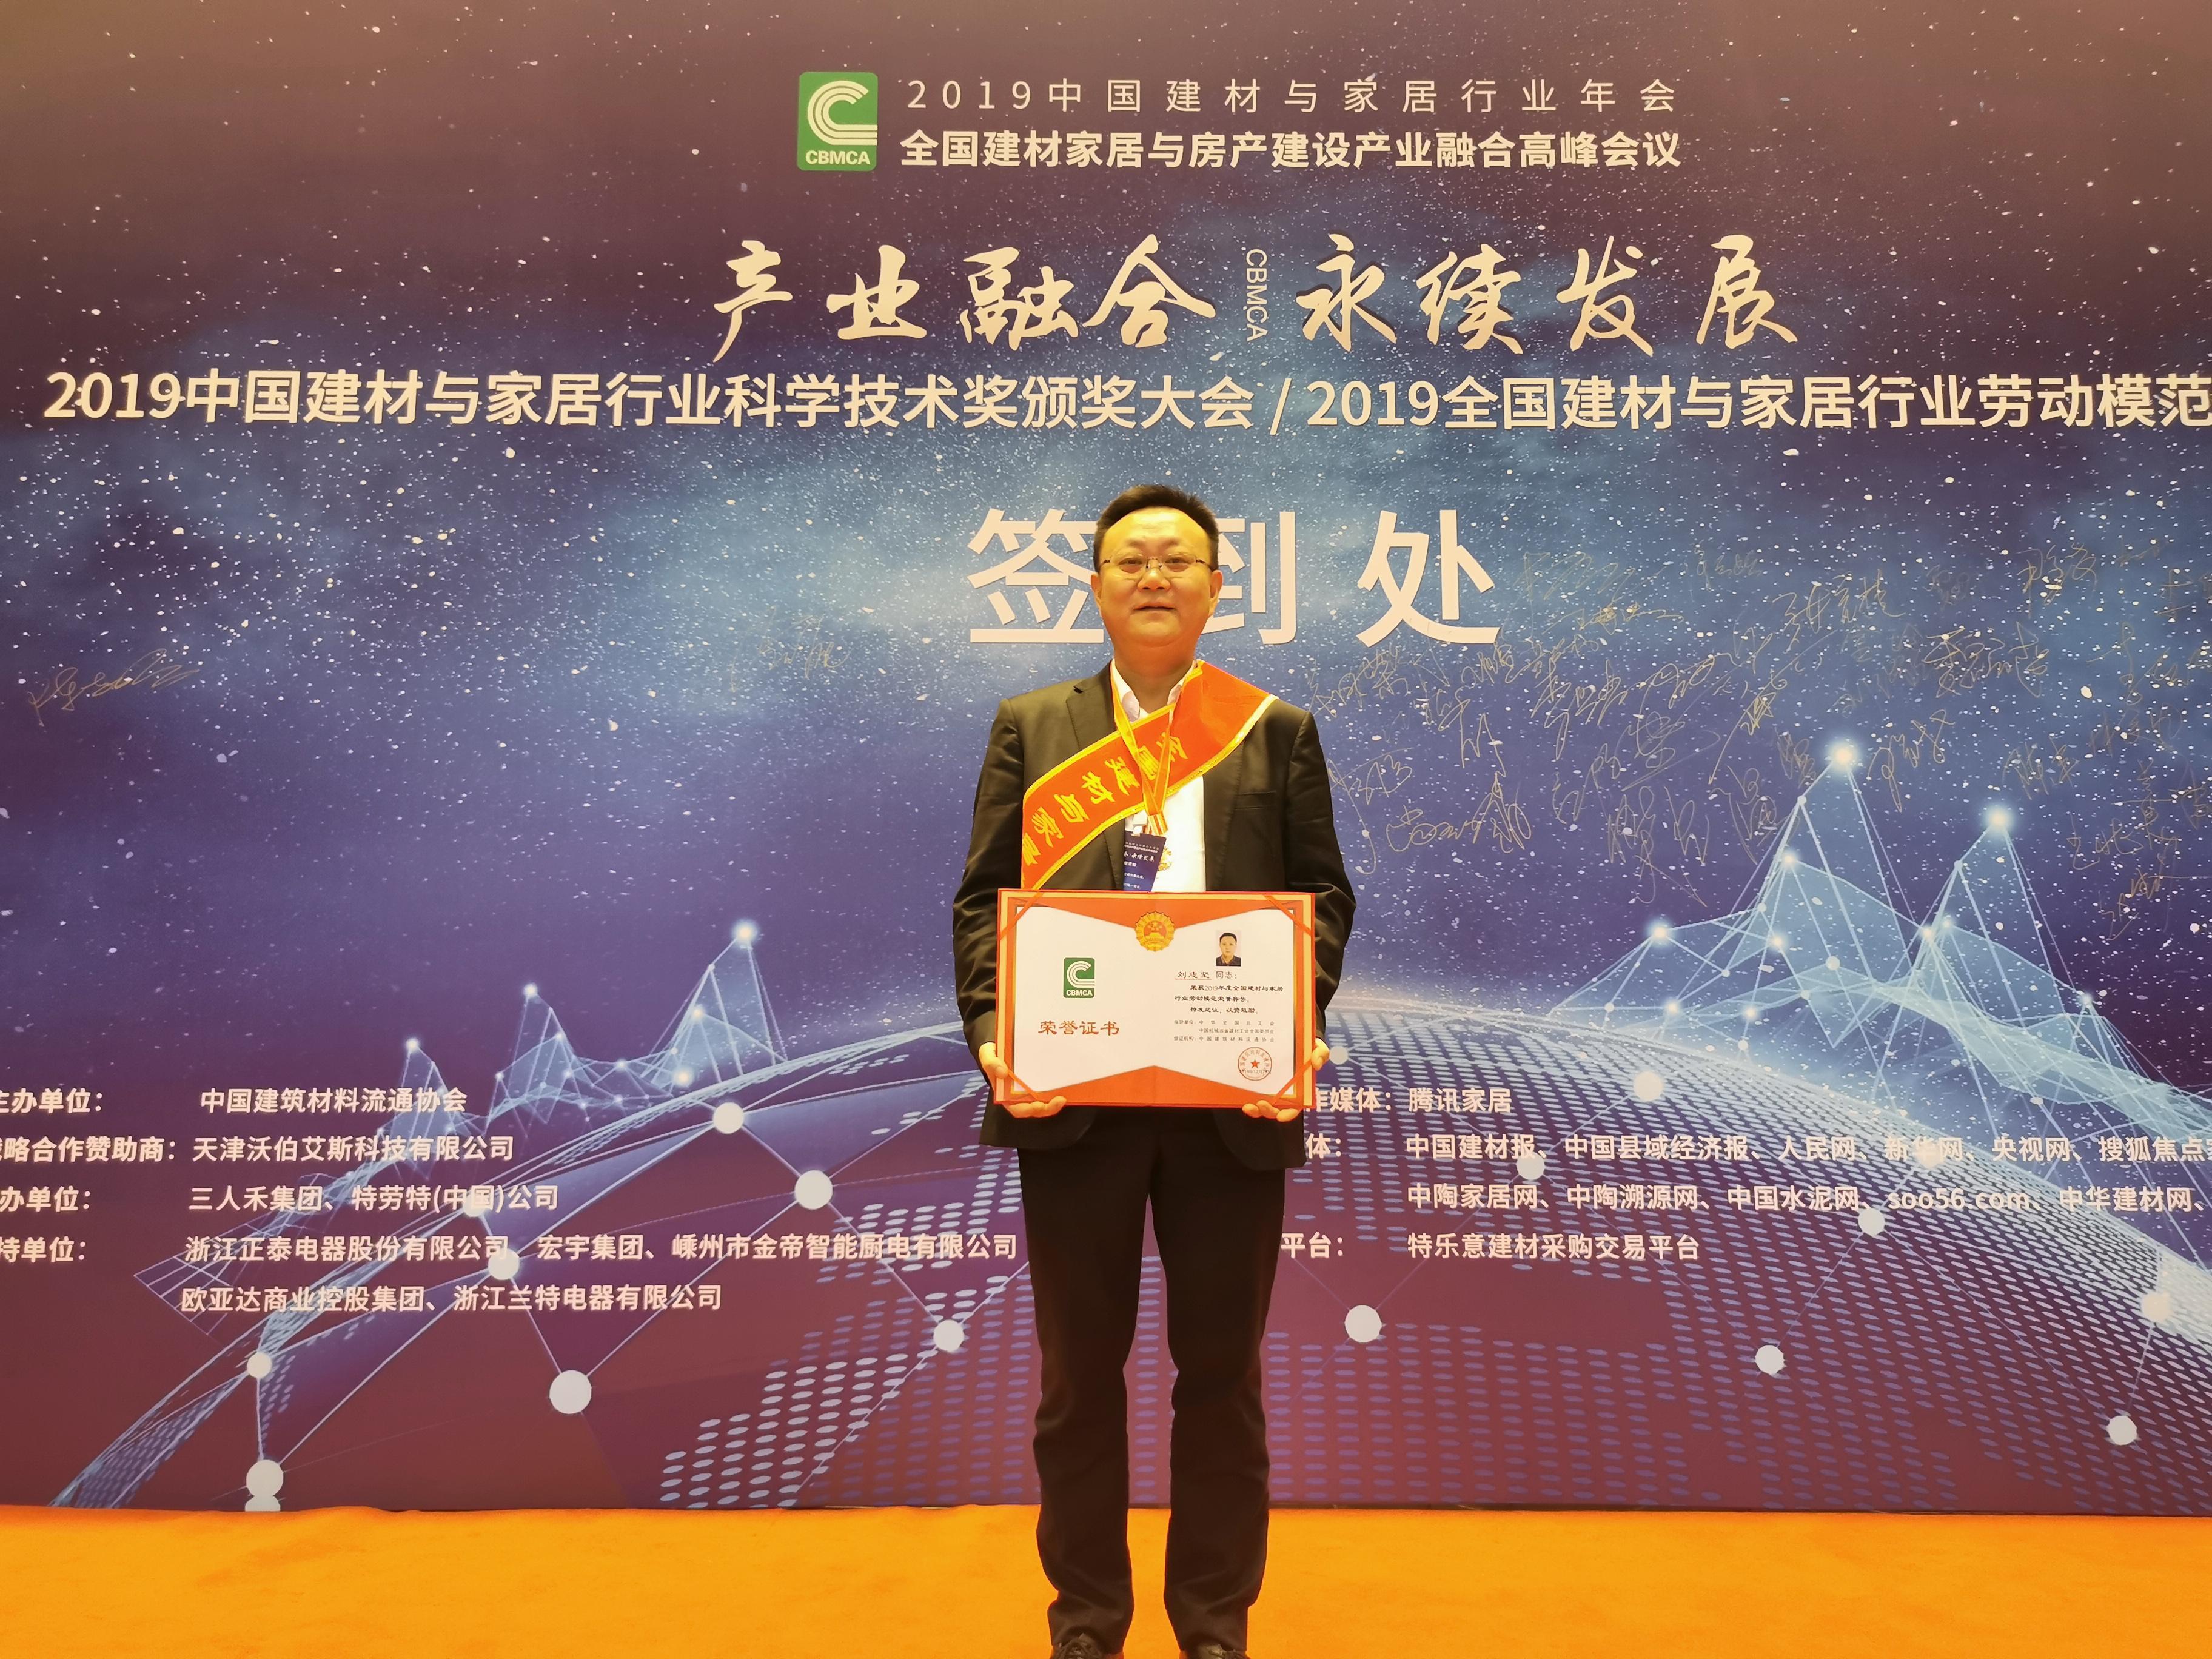 热烈祝贺 湖南同远新材料科技有限公司 董事长刘志坚 荣获全国建材劳动模范称号